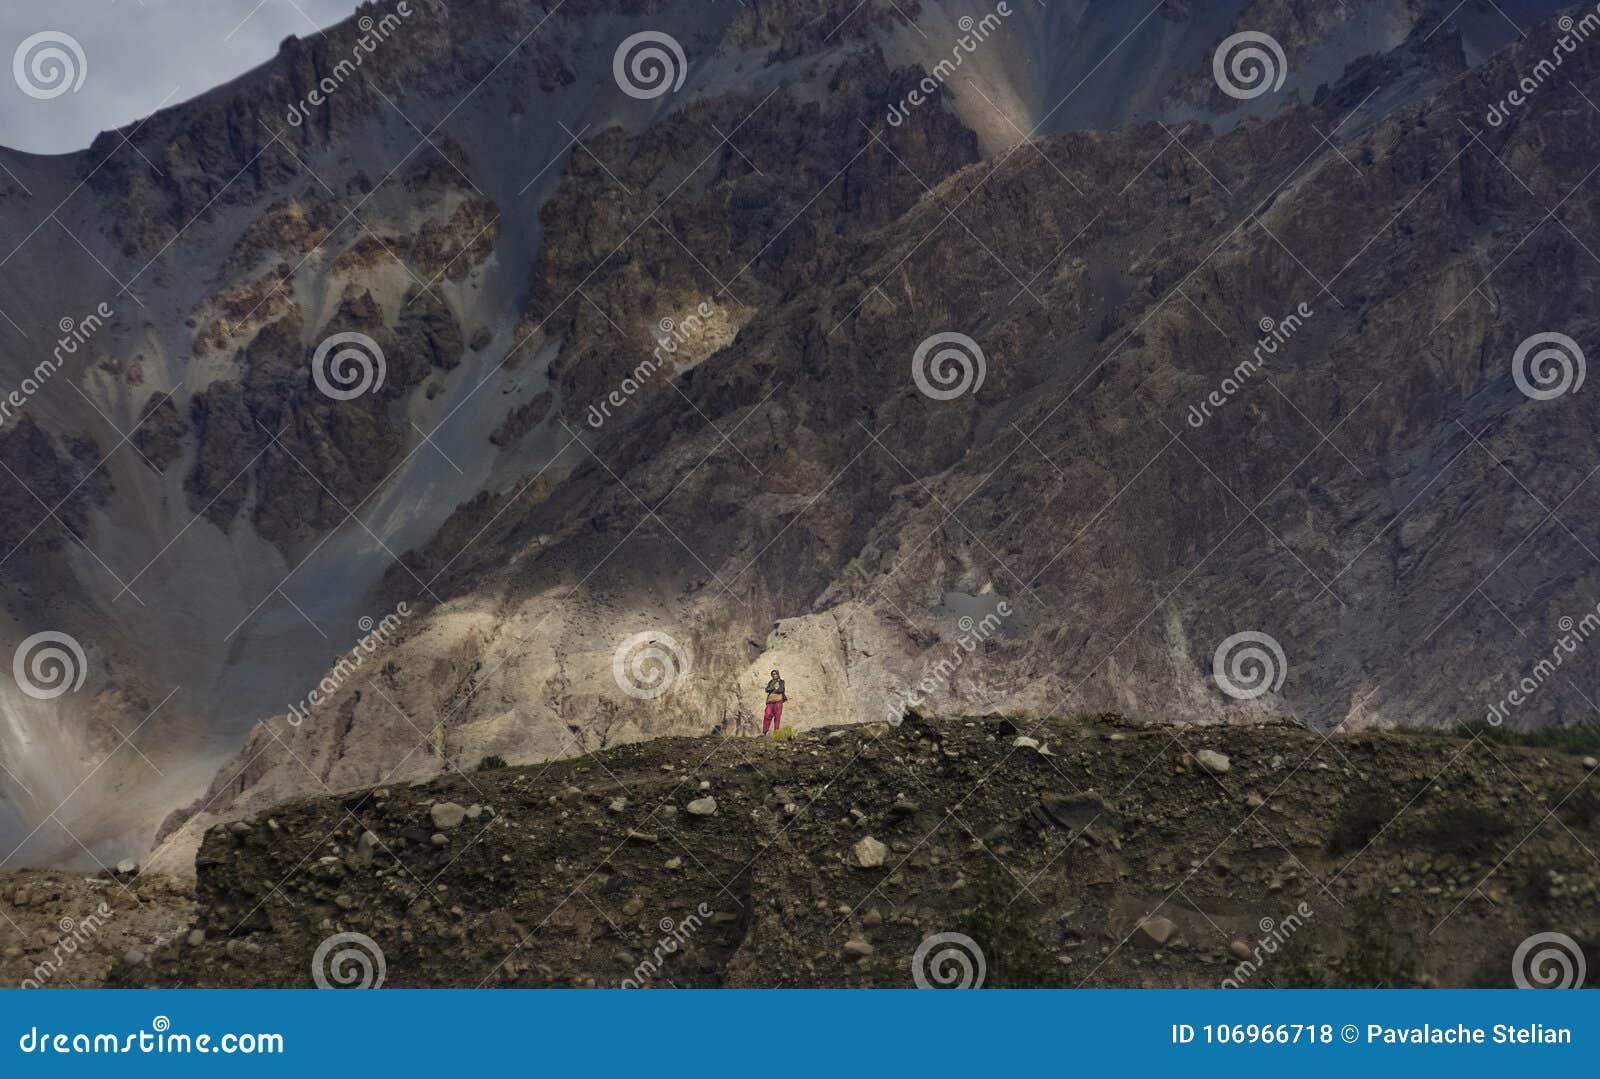 Το κορίτσι που αναρριχείται στα βουνά γύρω από το χωριό για να παρατηρήσει την επιστροφή των ατόμων από τα βουνά